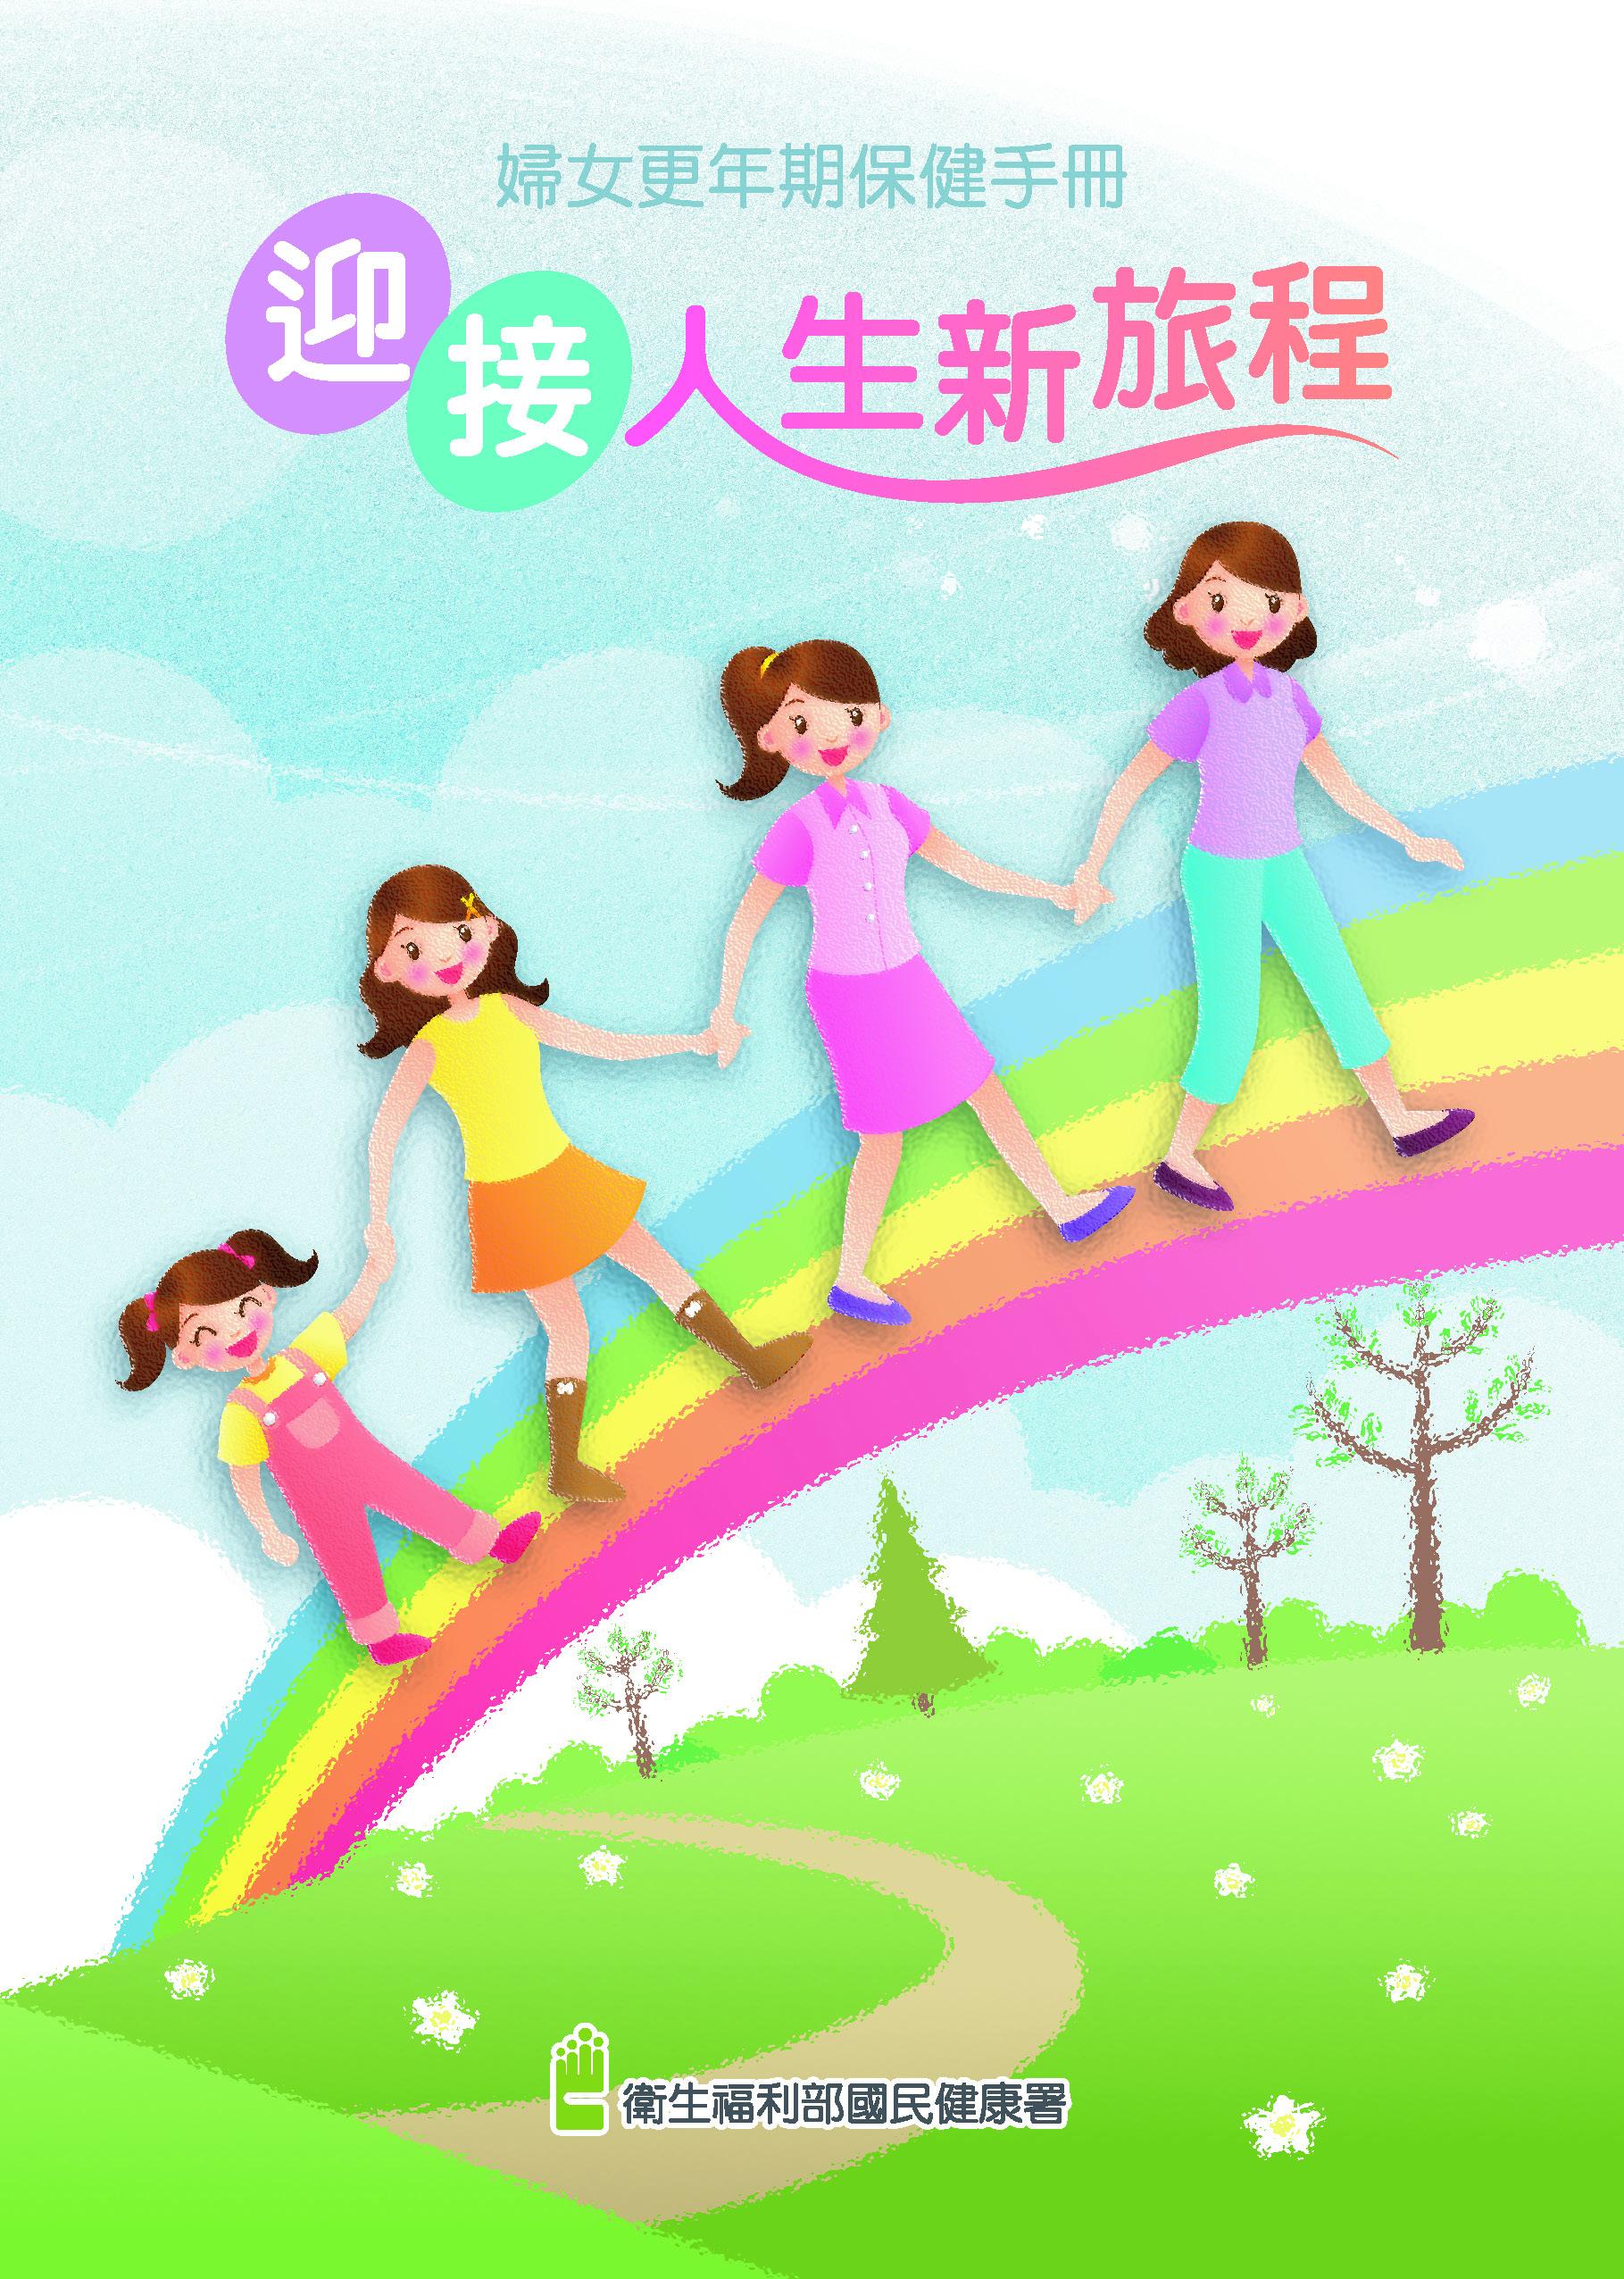 婦女更年期保健手冊-迎接人生新旅程(2017年版)